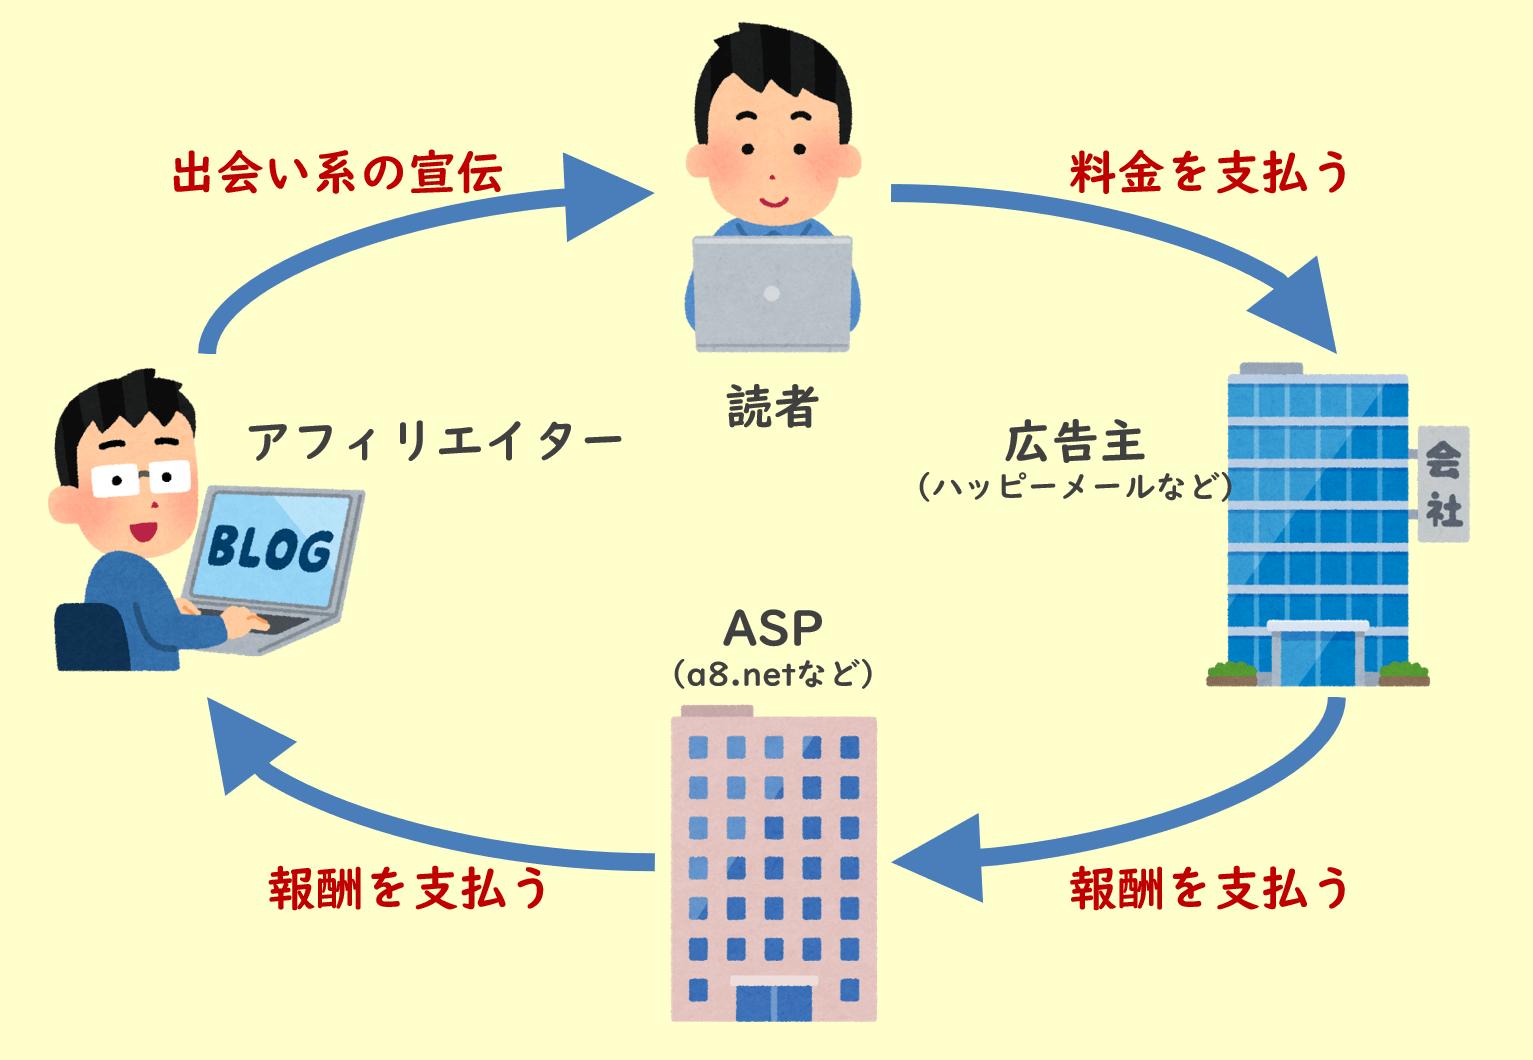 出会い系アフィリエイトの仕組み図